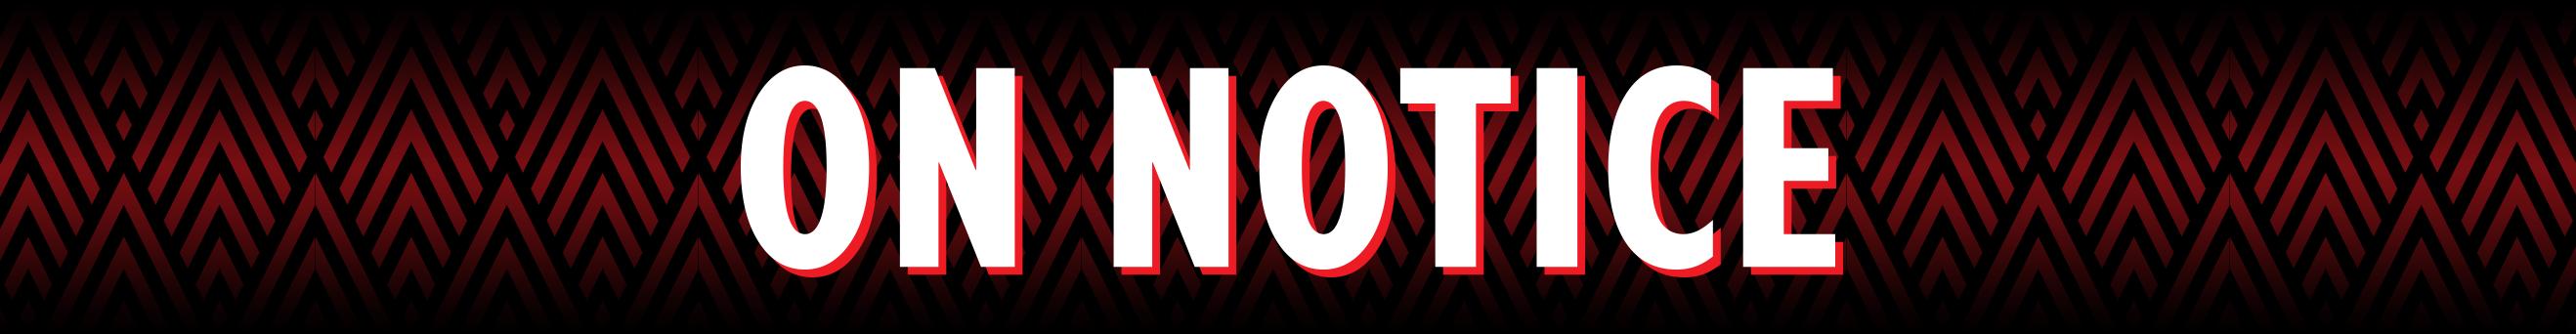 On Notice